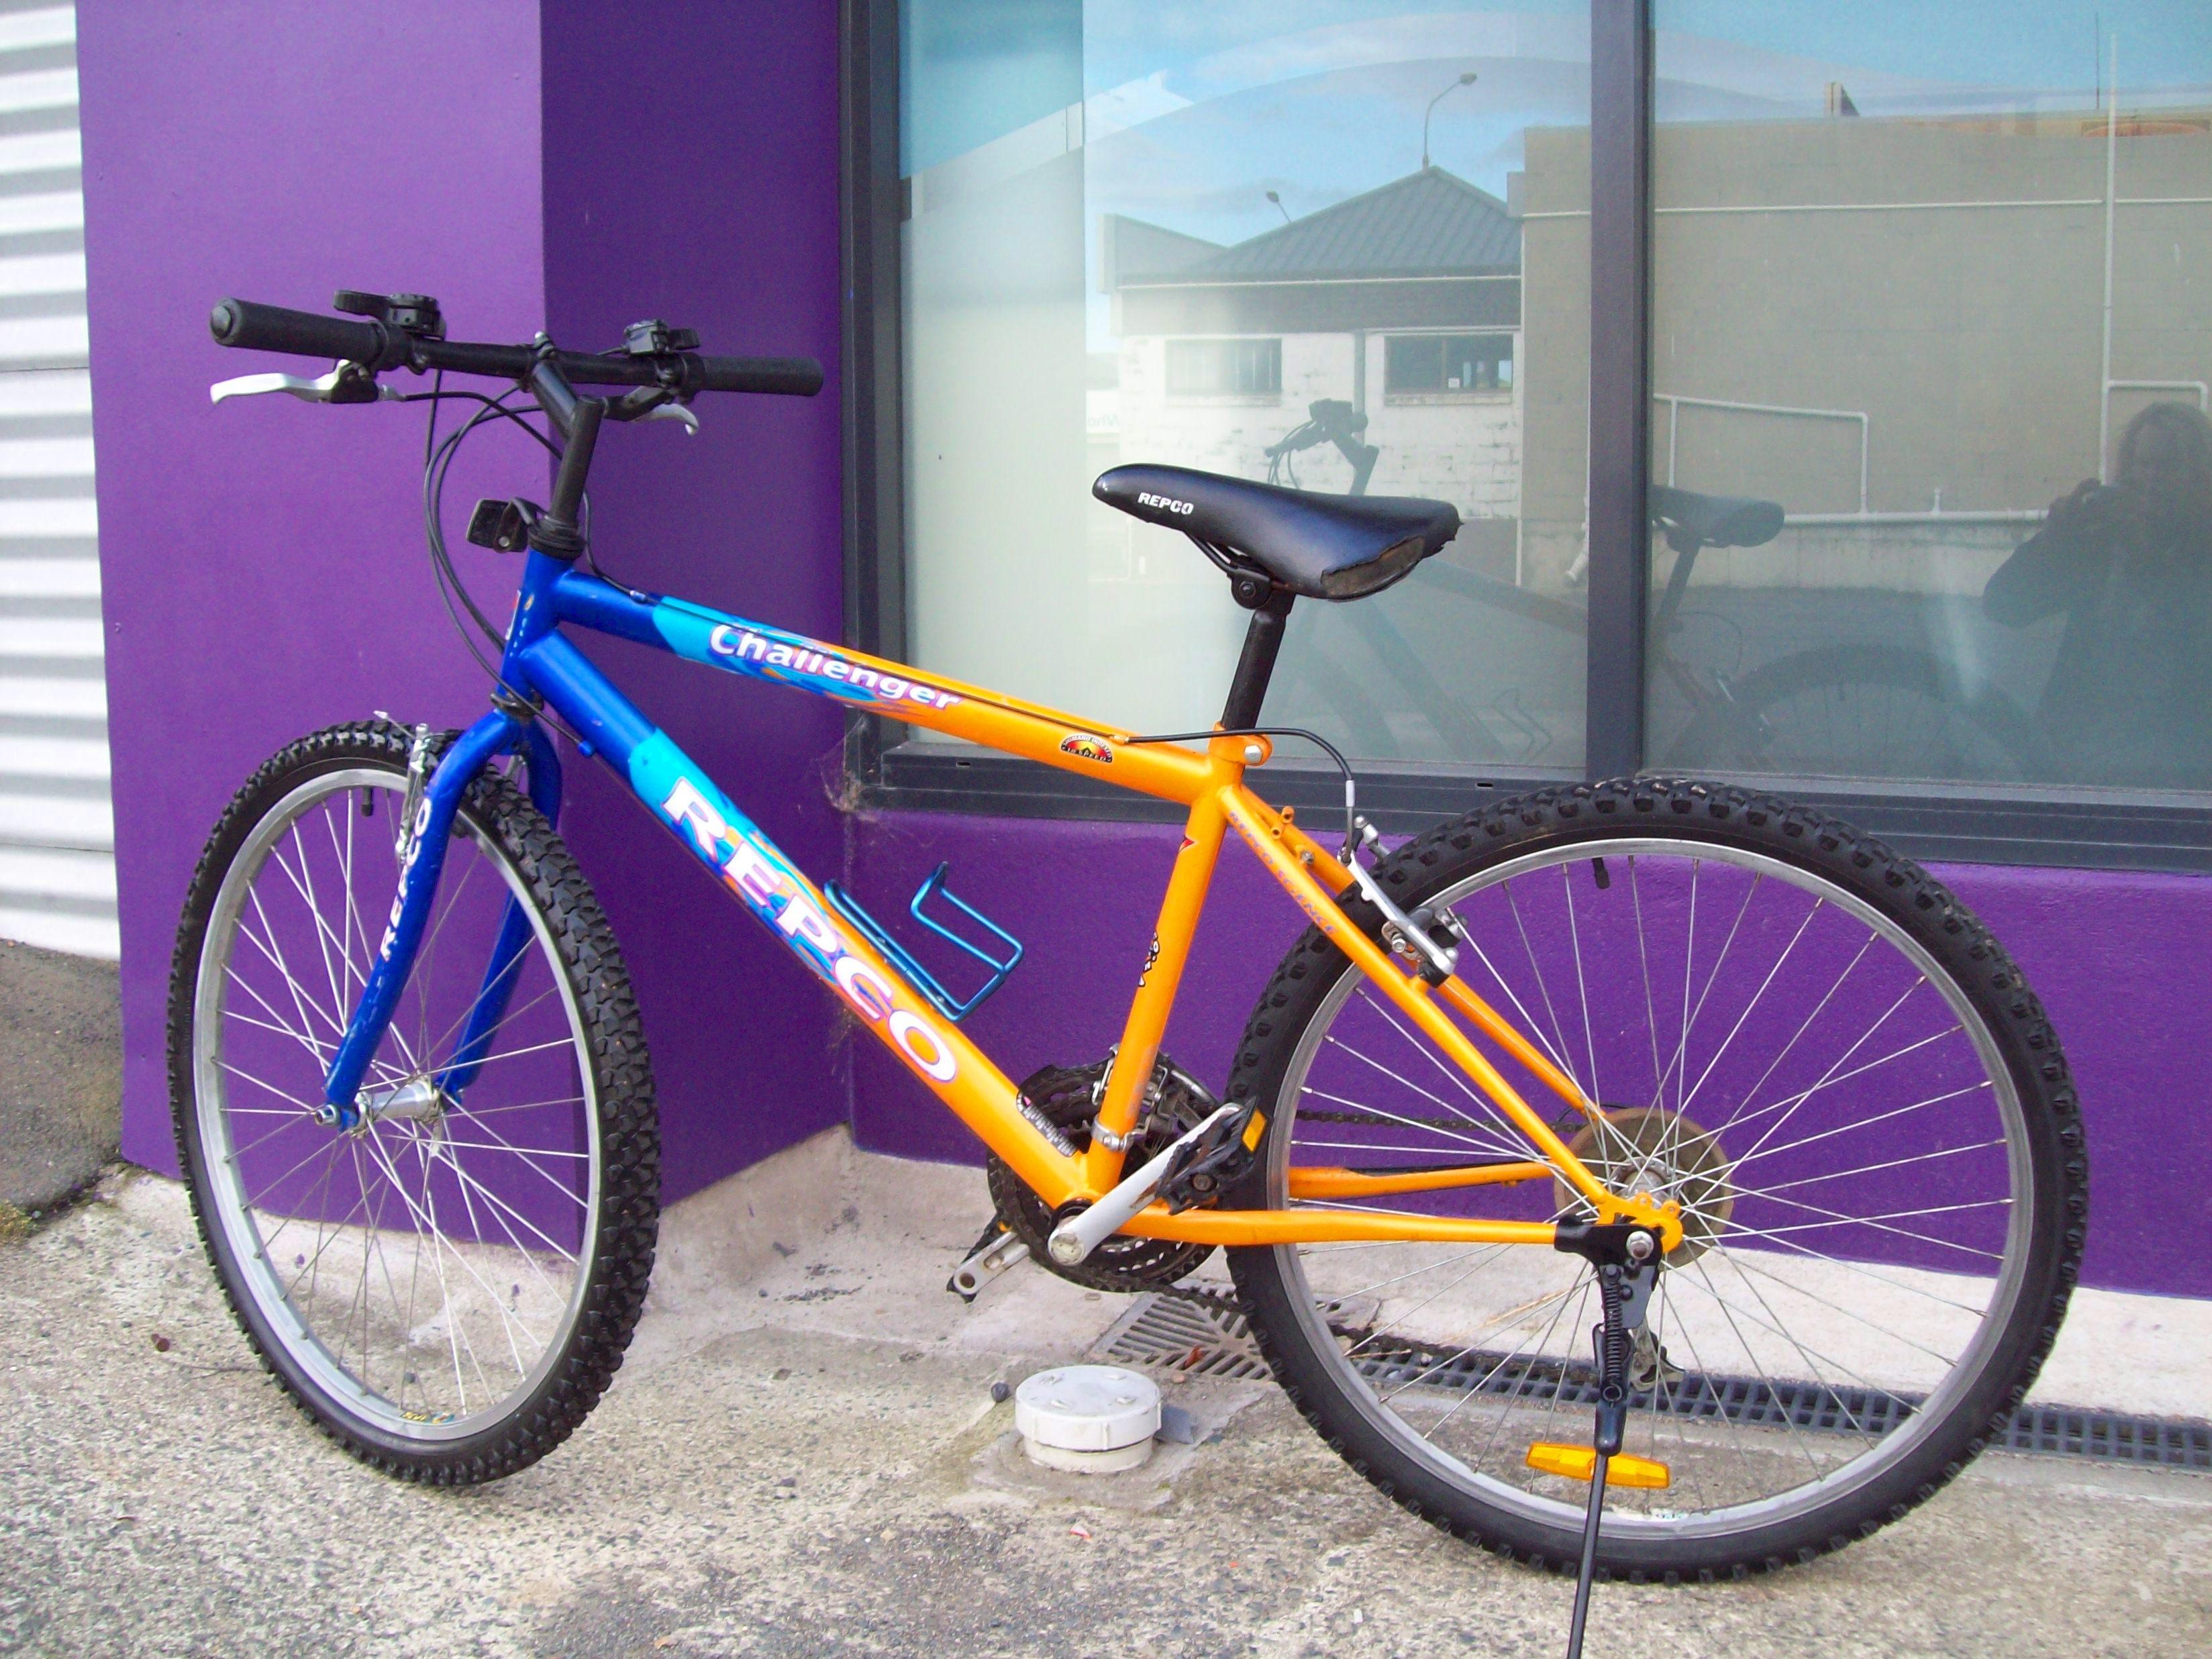 Bike - repco challenger photo